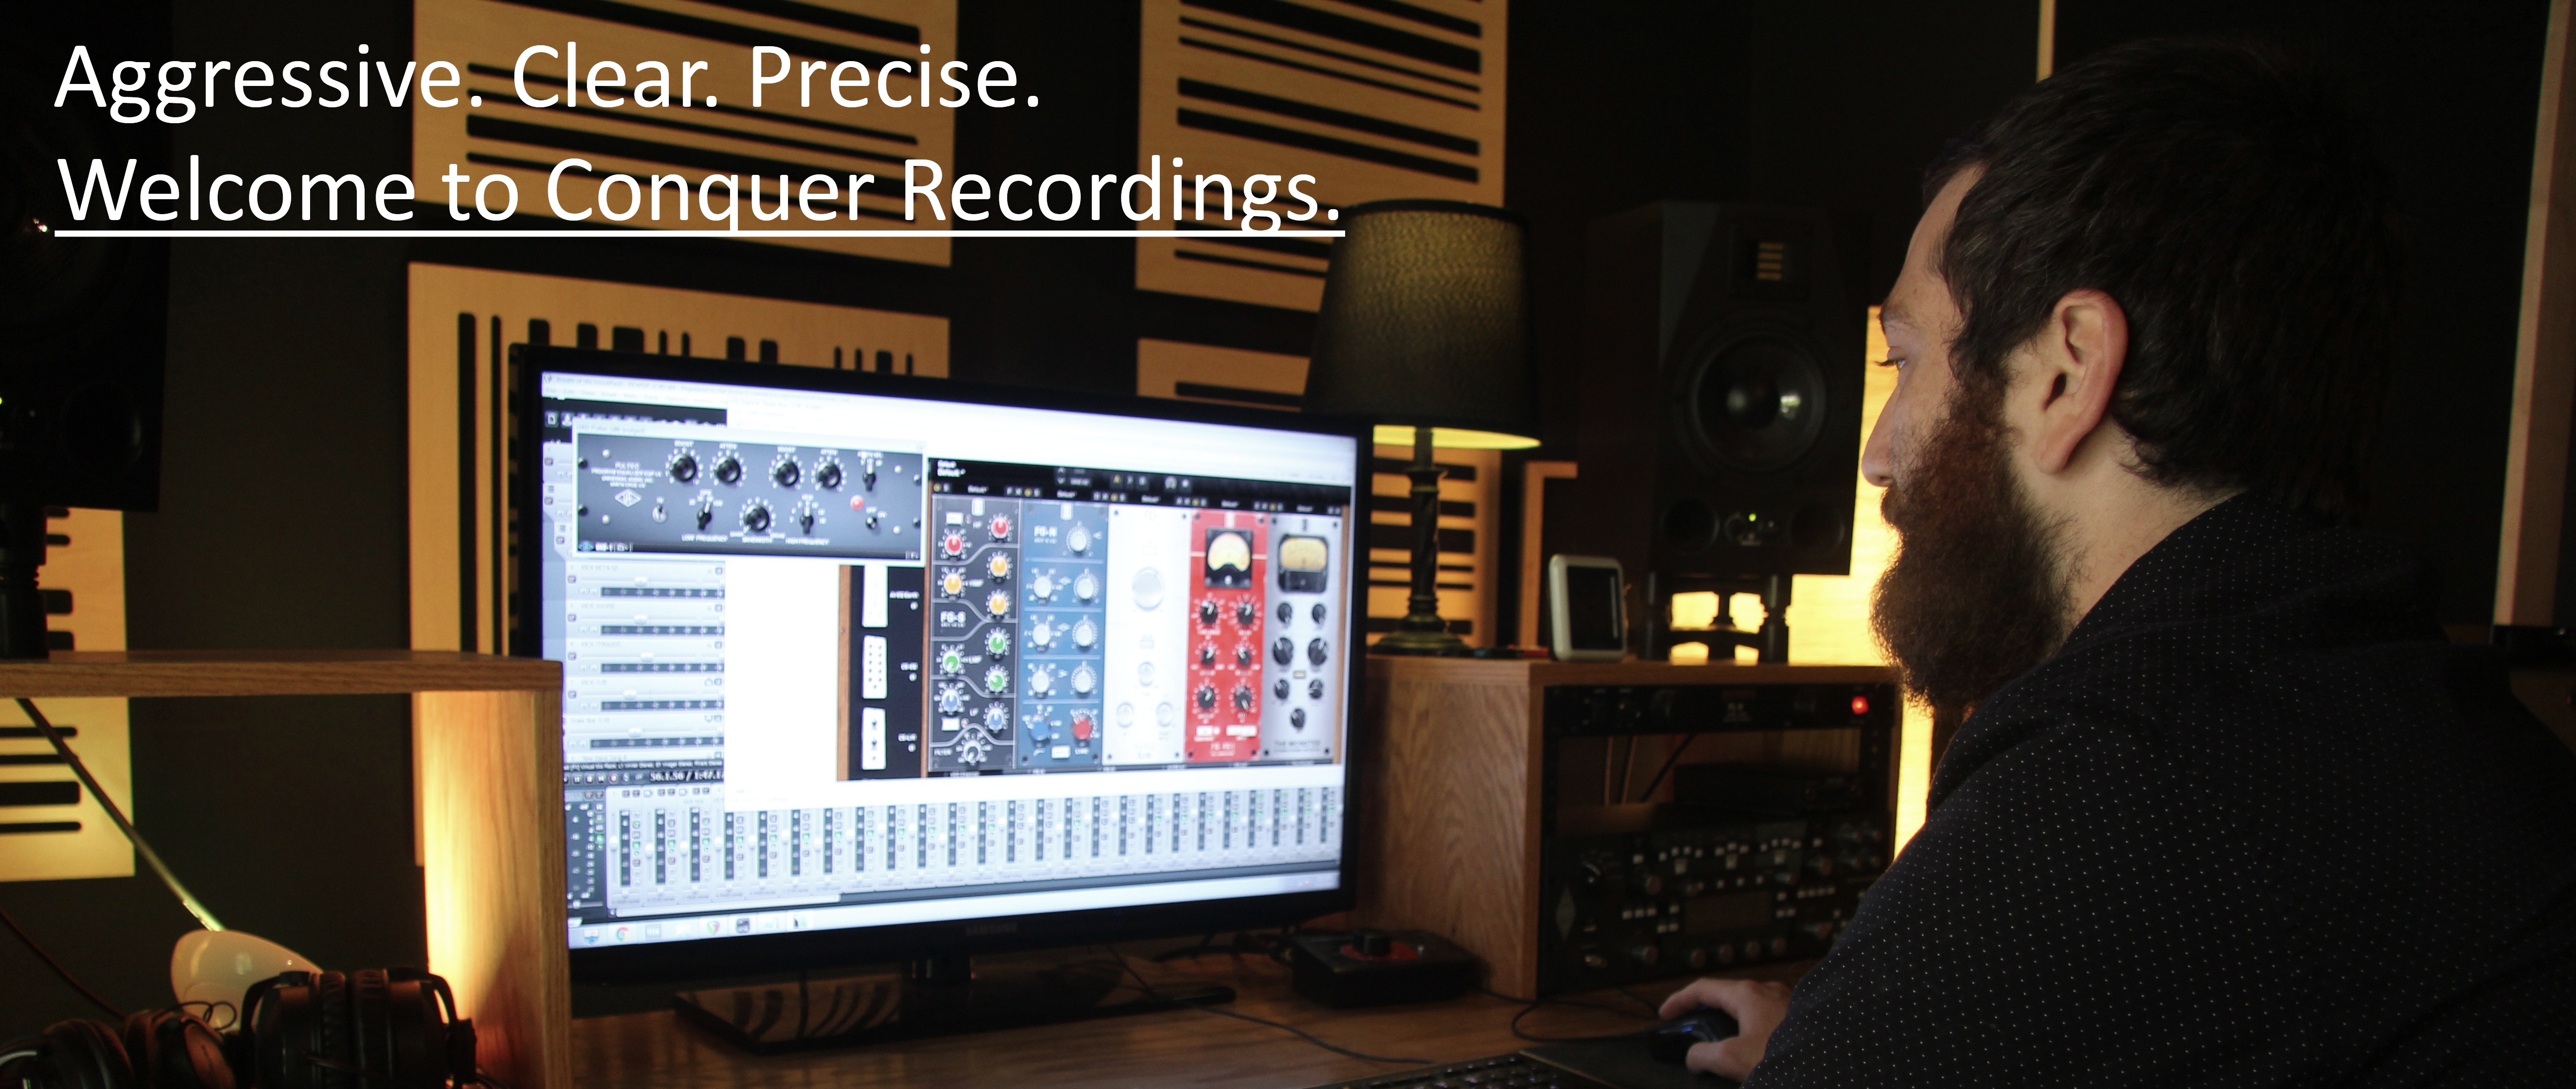 Conquer Recordings